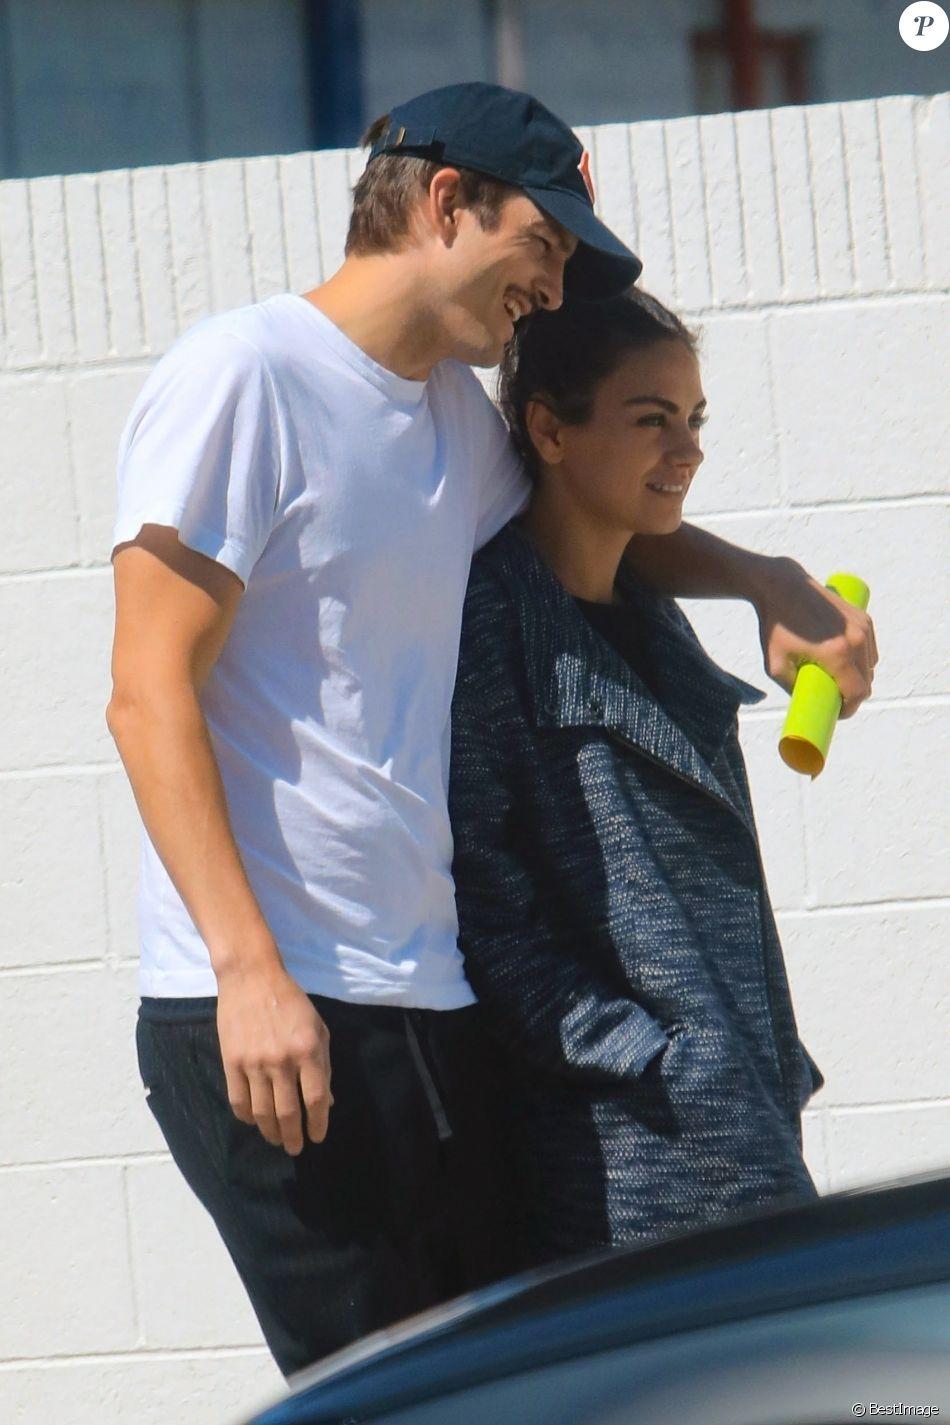 Exclusif - Mila Kunis et son mari Ashton Kutcher en balade dans les rues de Los Angeles, le 17 mai 2019